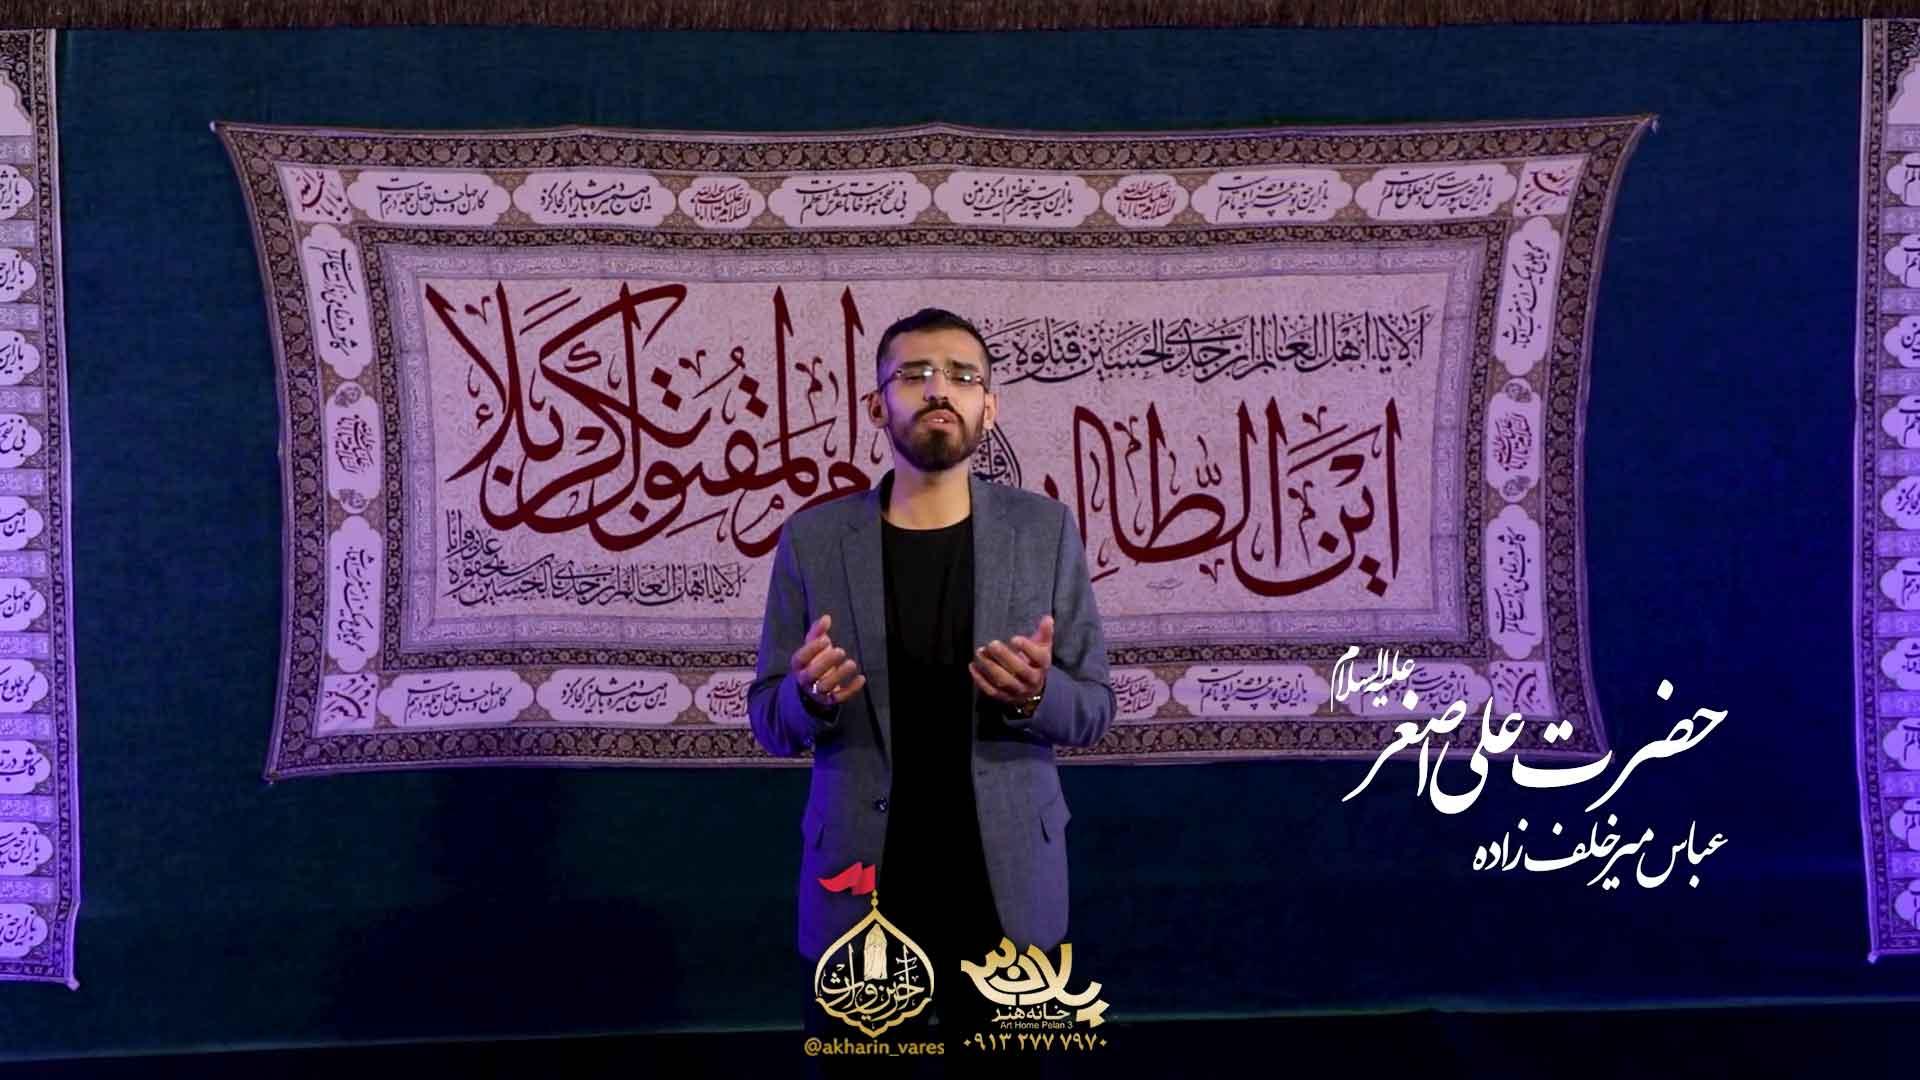 حضرت علی اصغر عباس میرخلف زاده